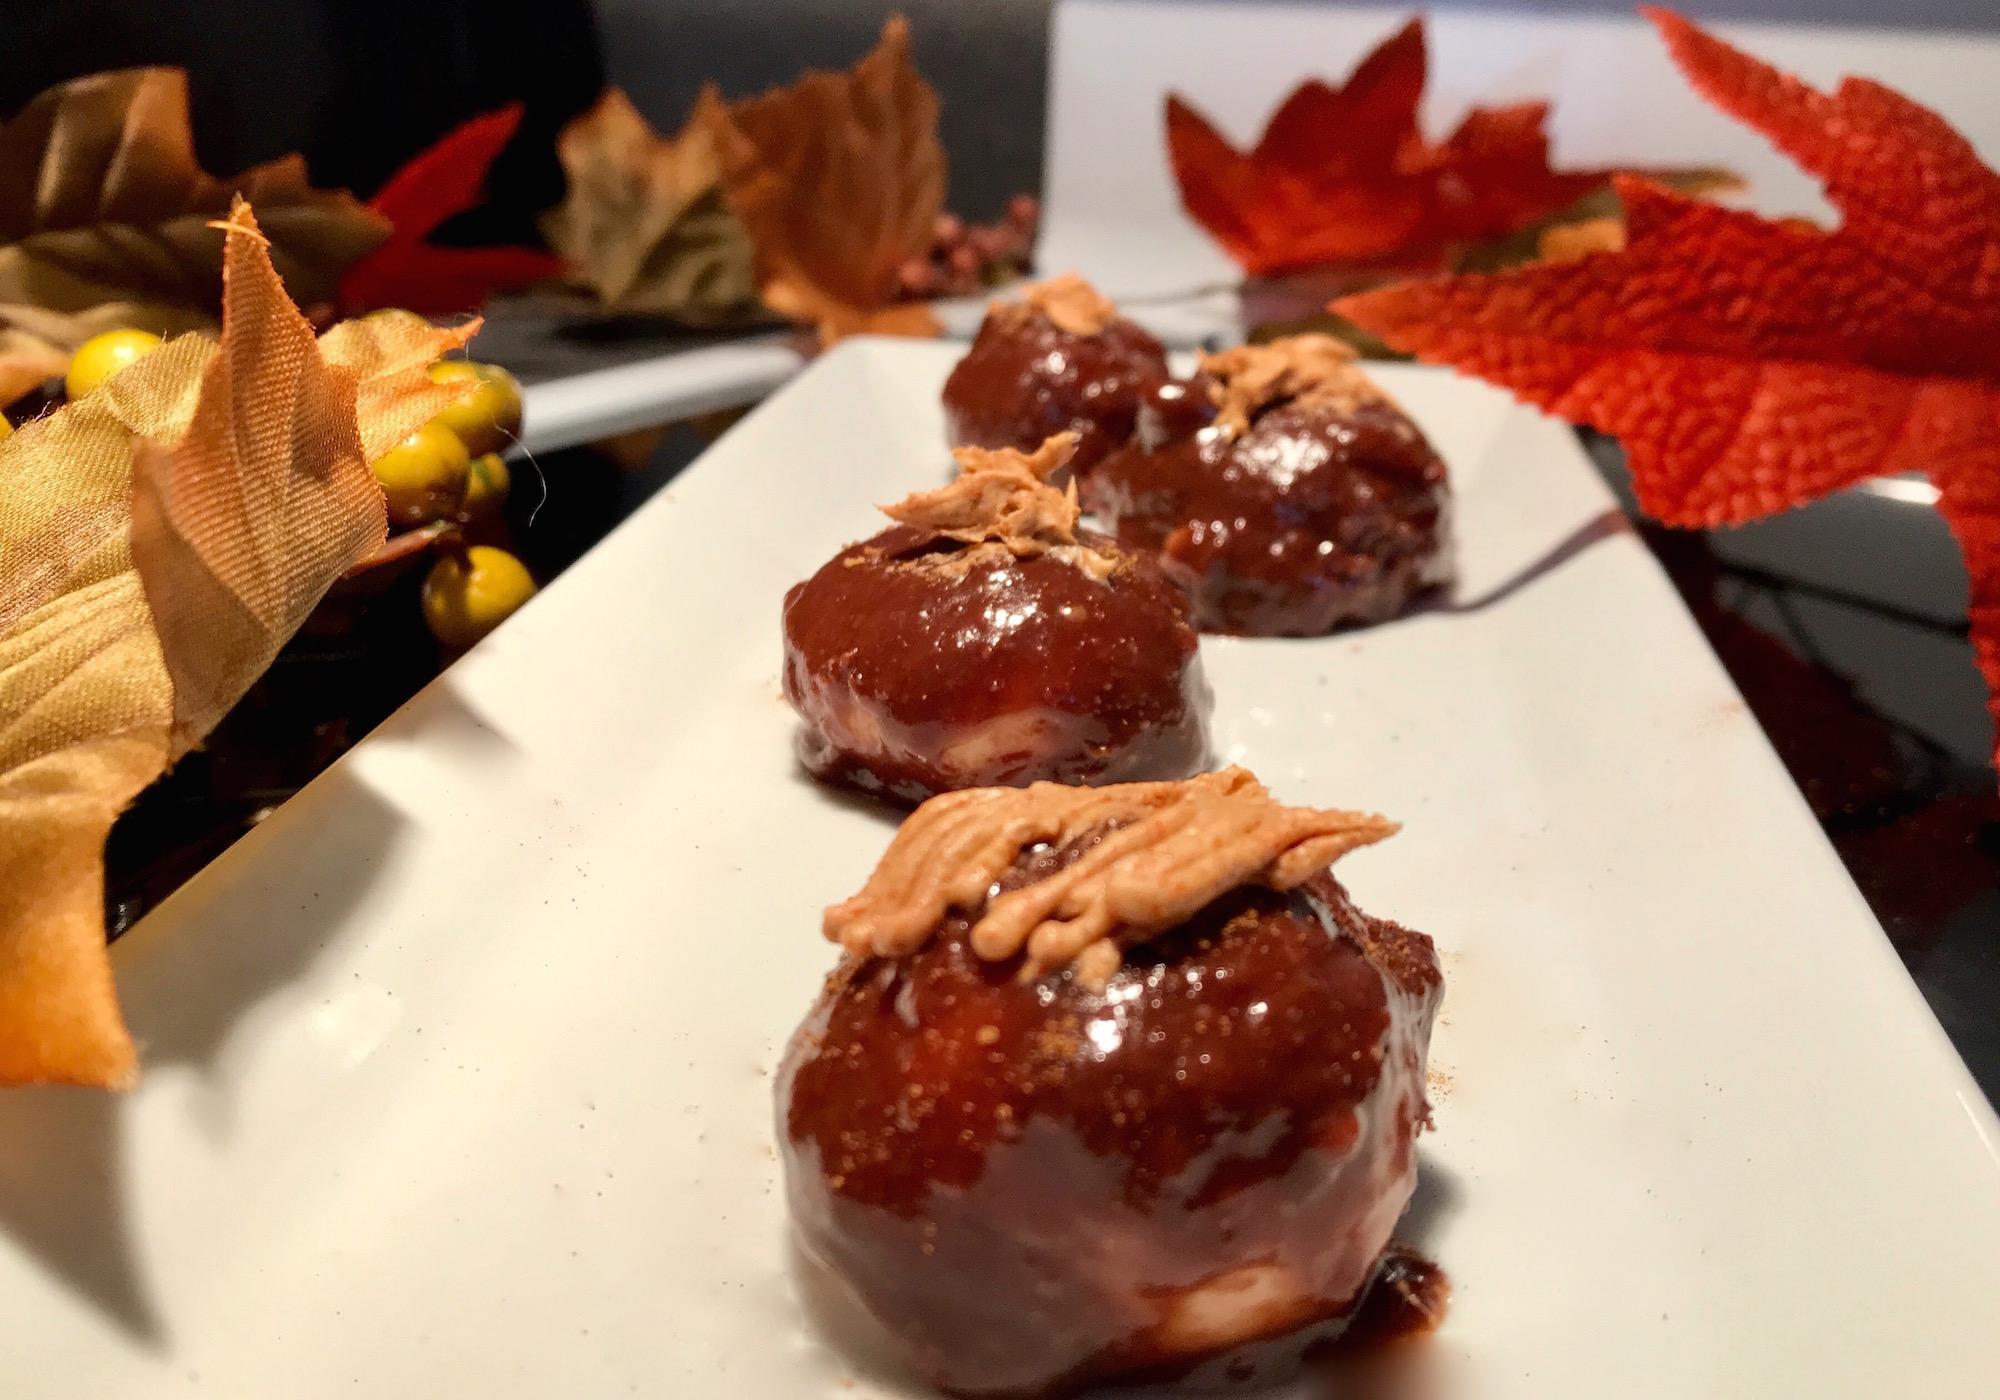 Recette Bonbons D Halloween Au Chocolat Fait Maison Circulaire En Ligne